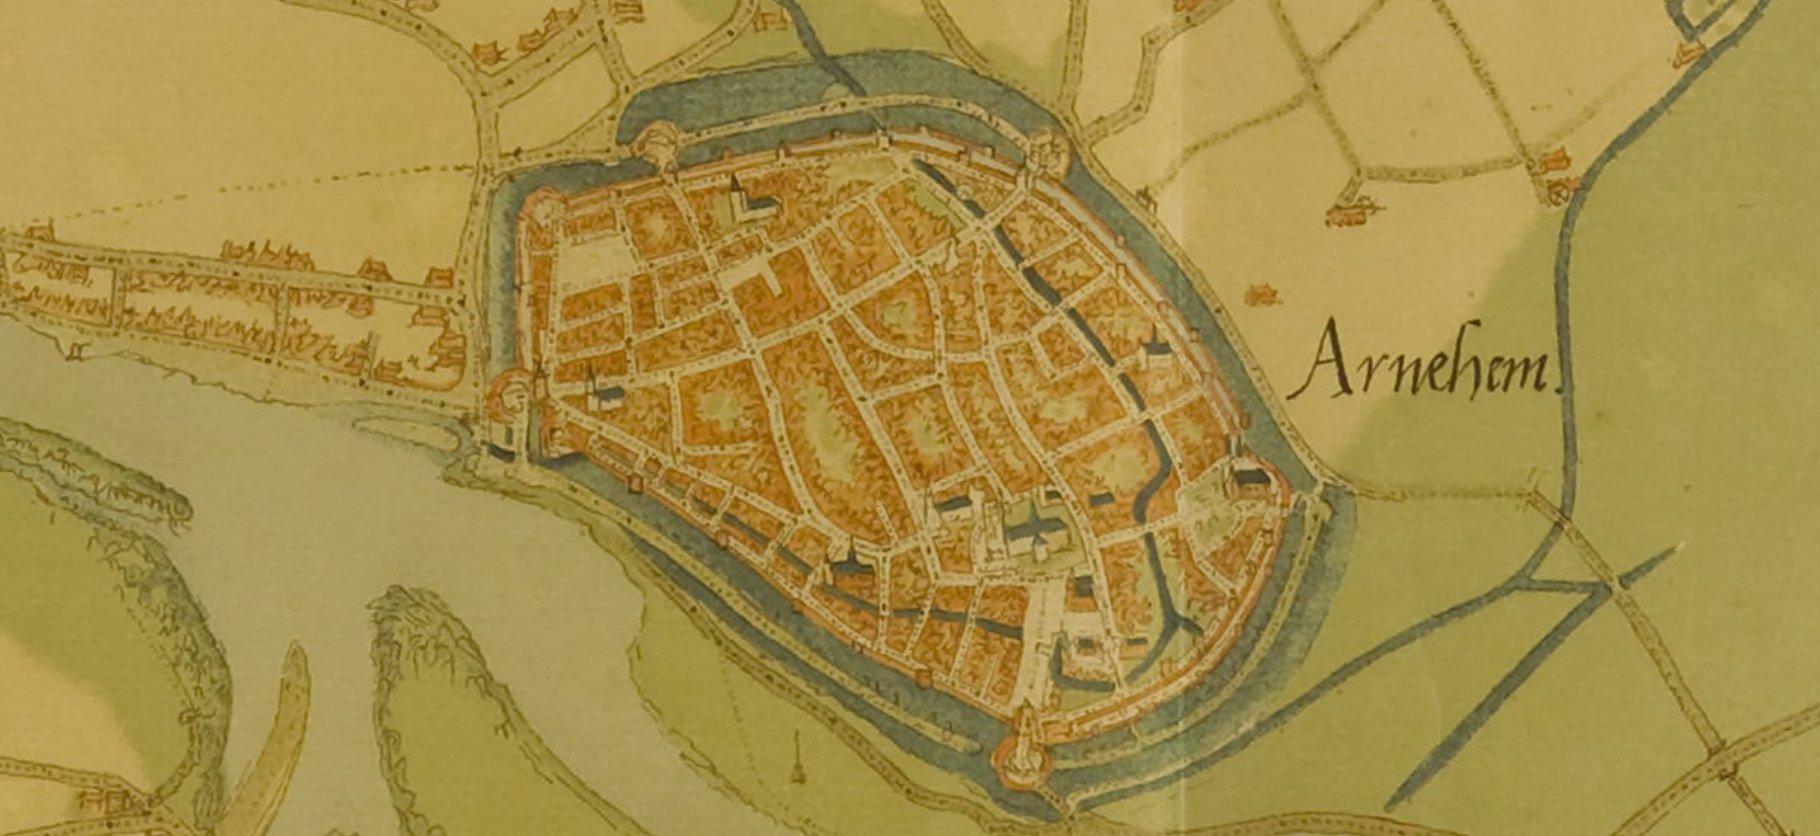 uistede-arnhem-van-deventer-1551